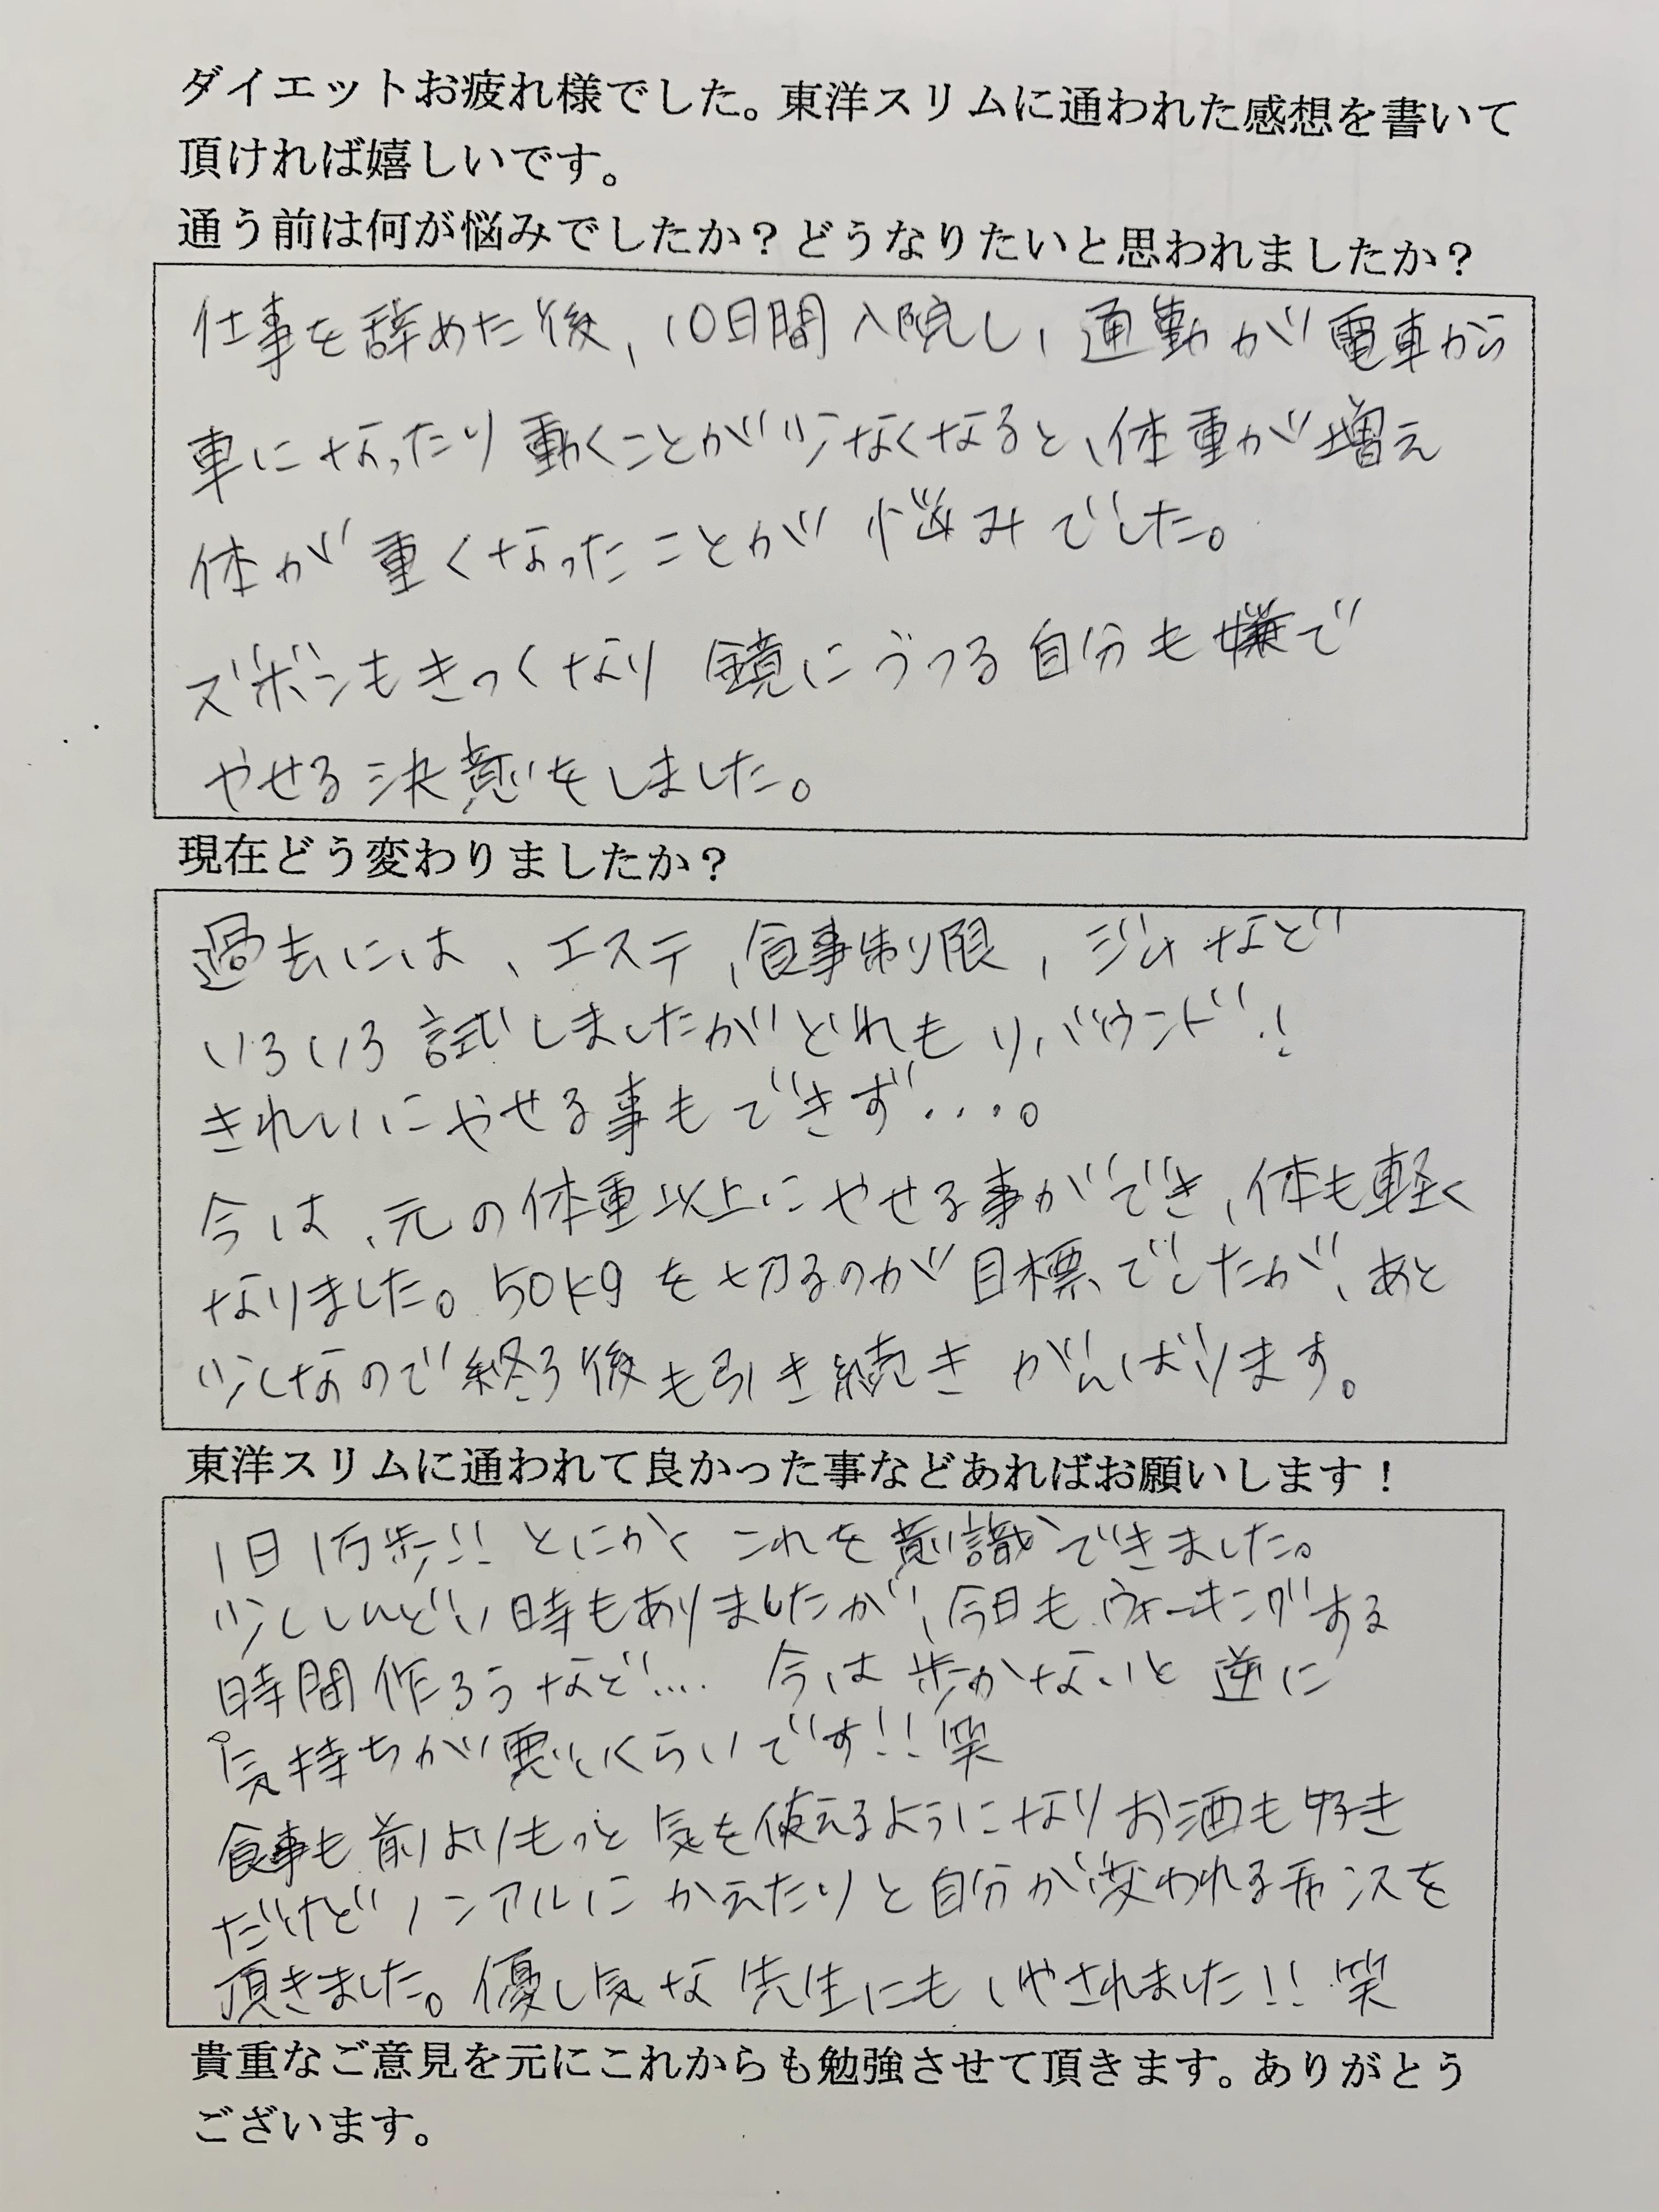 [皆様の声]大阪府堺市Sさん(30代後半)耳つぼダイエット エステ食事制限ジムなど色々試しましたがどれもリバウンド